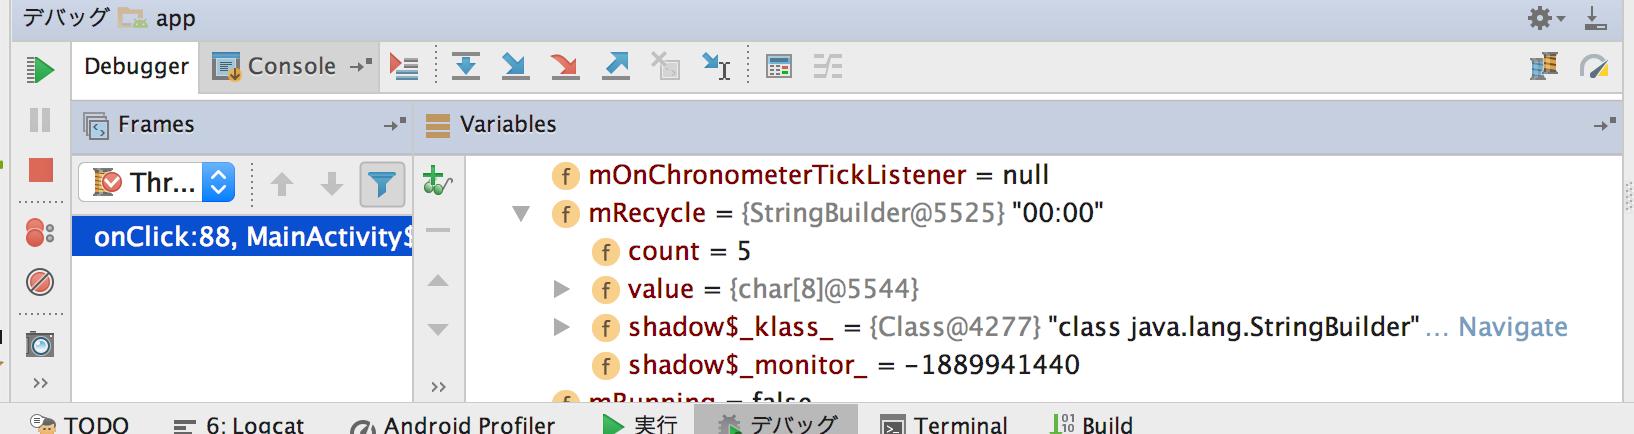 【Mac・Android Studio】ストップウォッチを作ってみる その11〜Chronometer修正